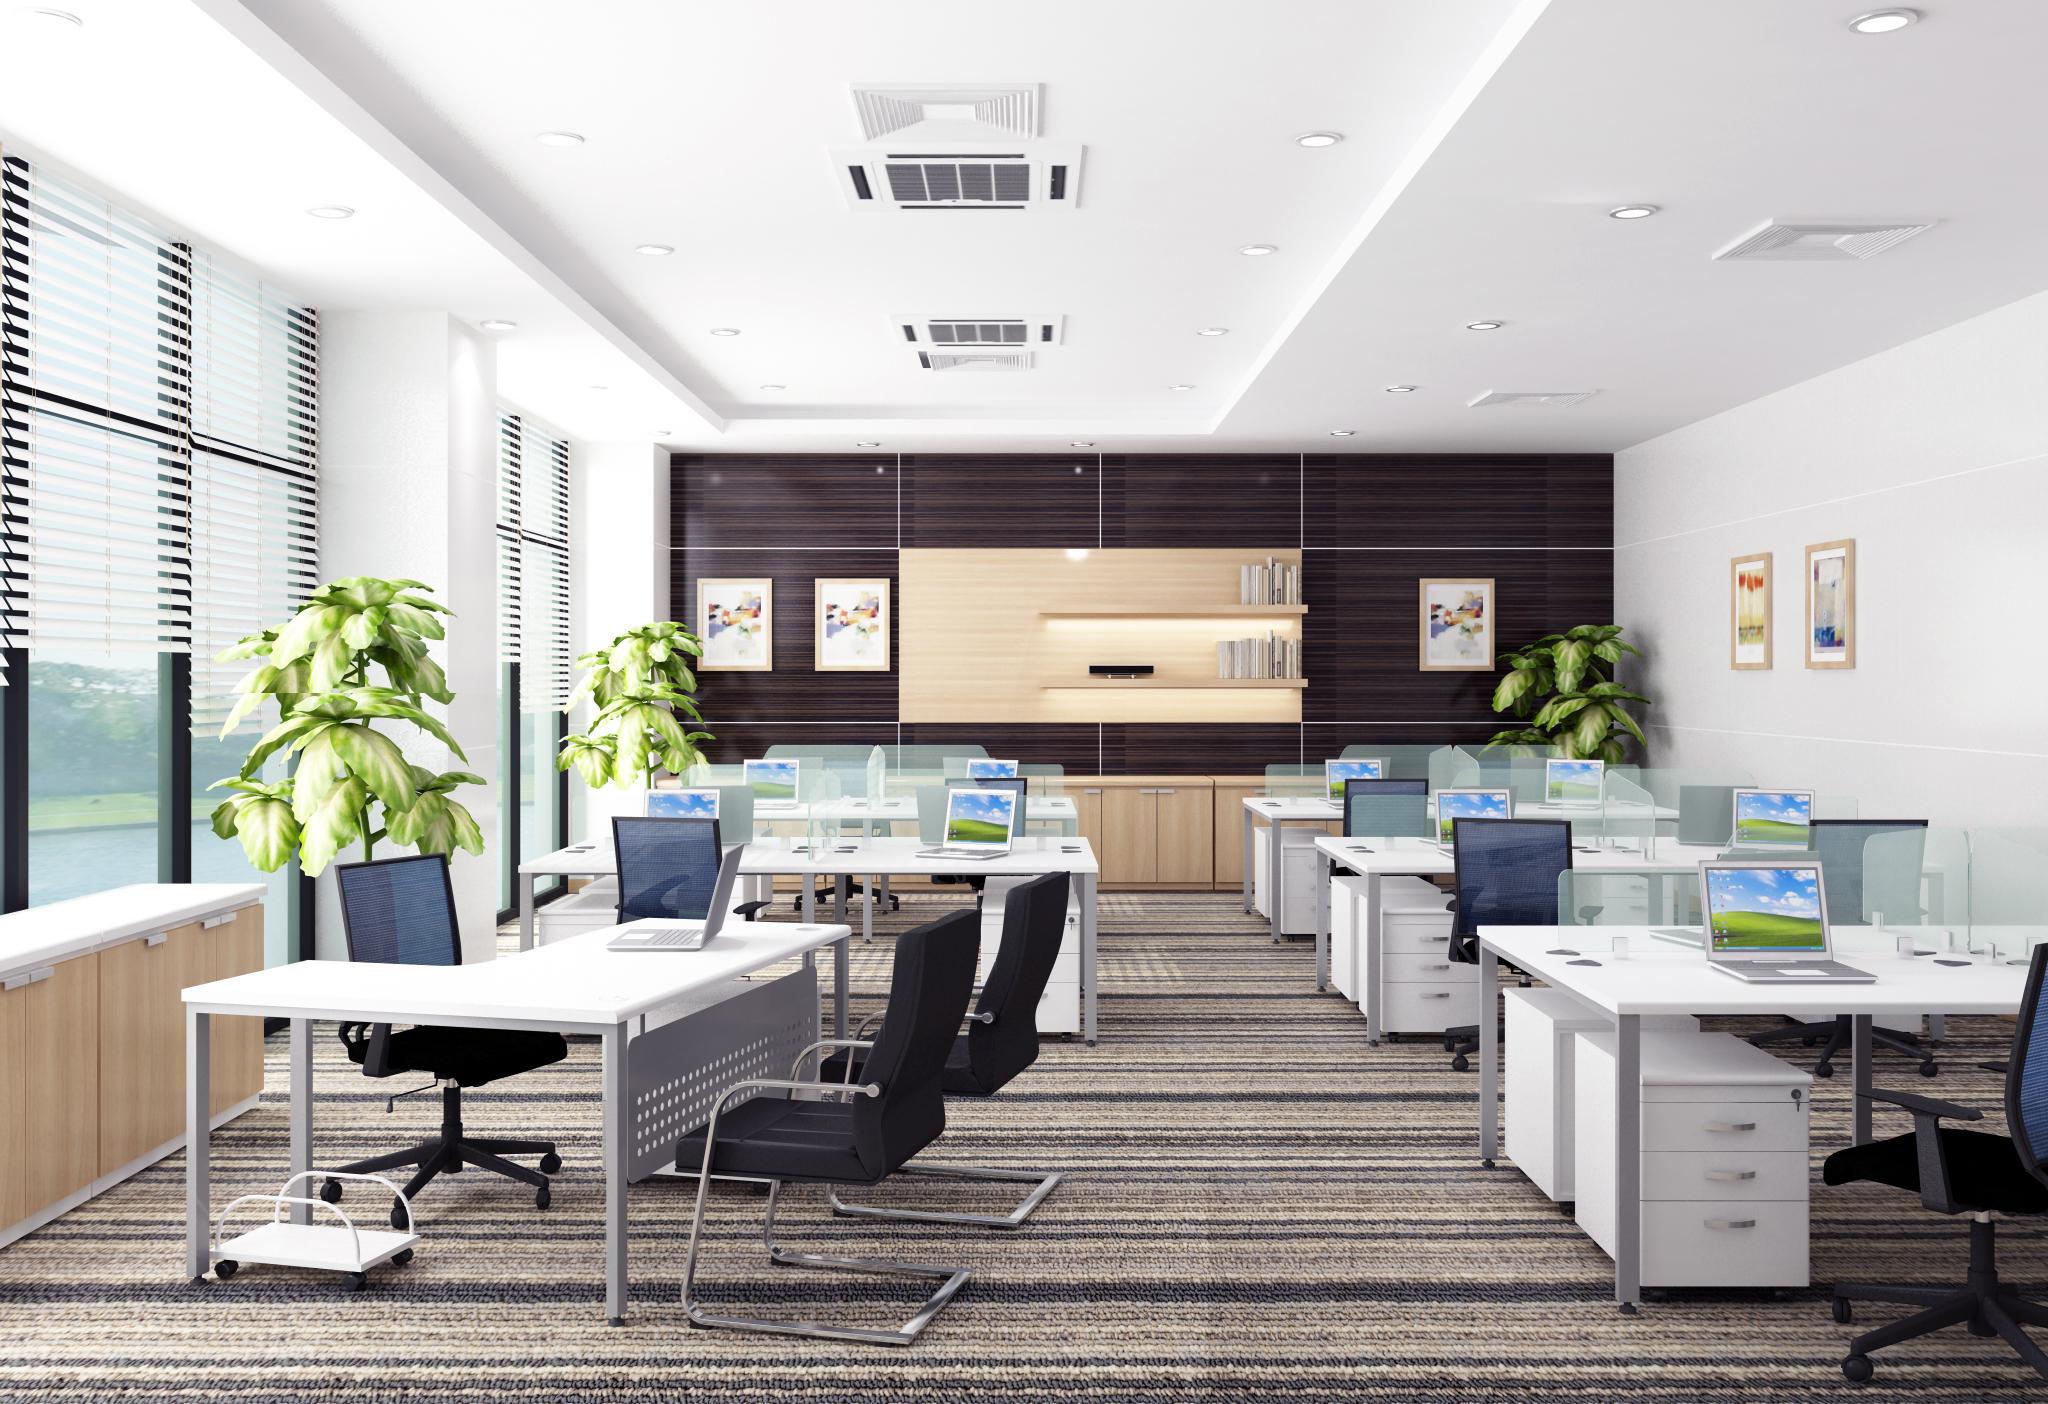 Những ưu điểm nổi bật của nội thất văn phòng Fami